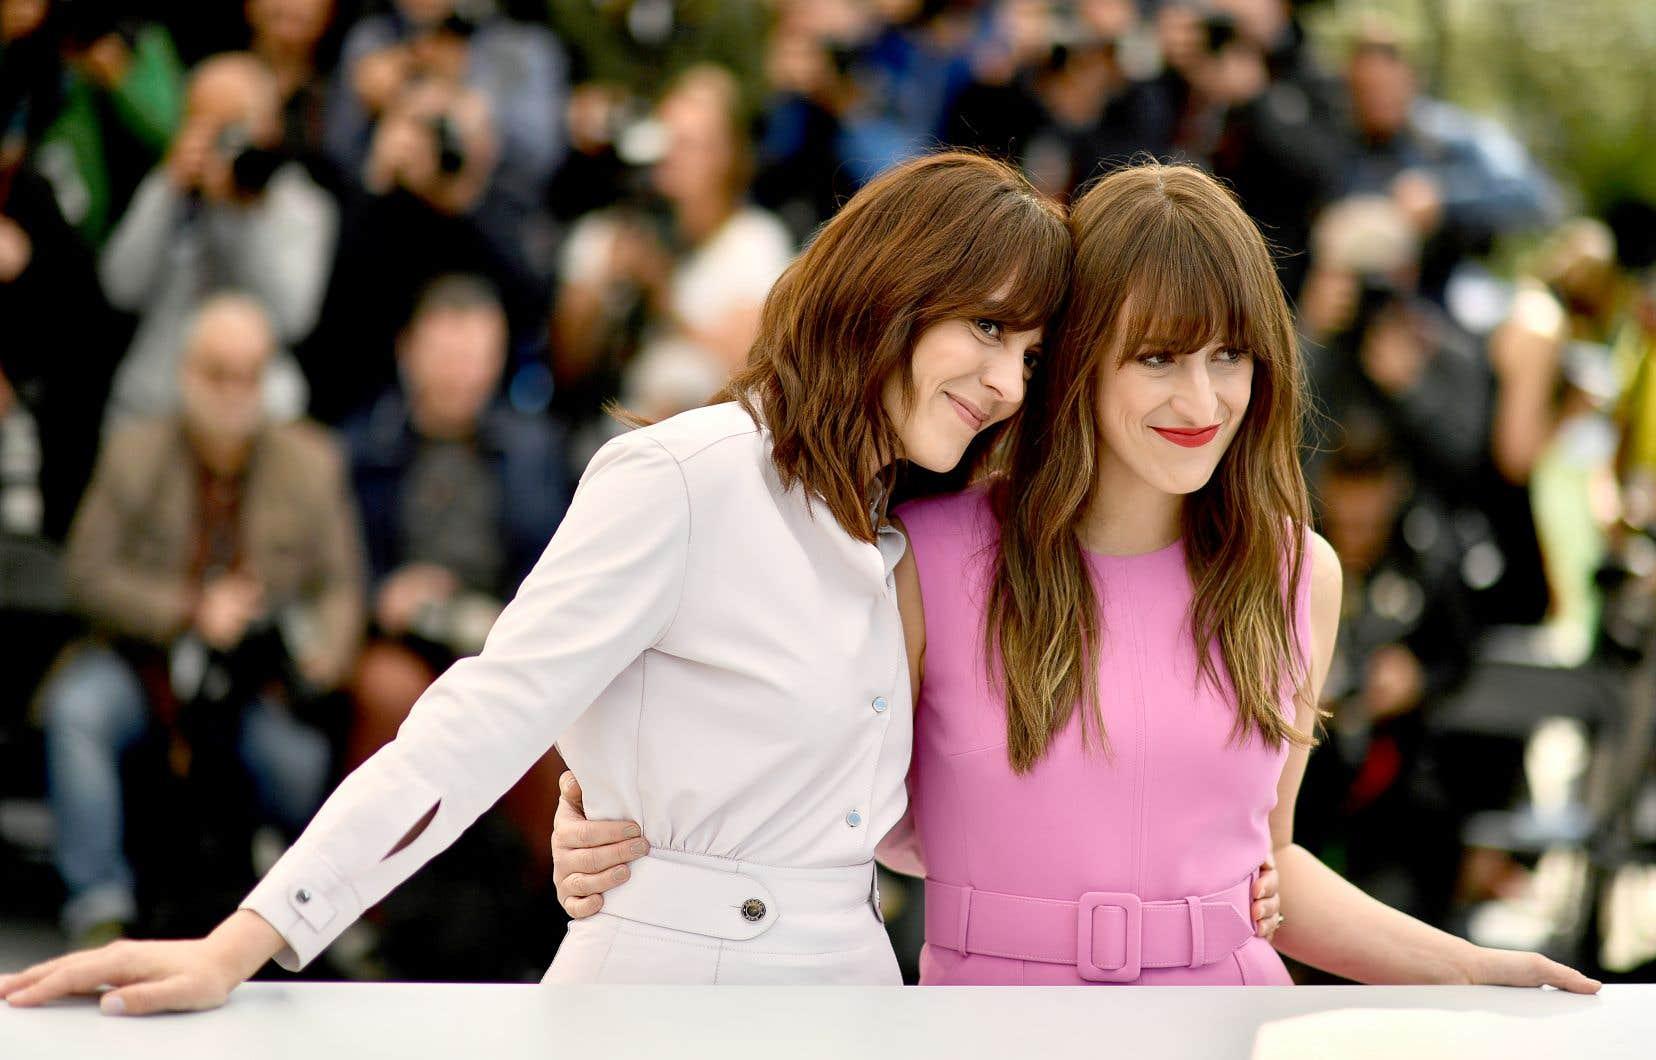 La cinéaste Monia Chokri et son actrice principale, Anne-Élisabeth Bossé, ont donné une multitude d'entrevues à Cannes, récolté leur poids de critiques tantôt élogieuses, tantôt négatives, sur la Croisette; les montagnes russes cannoises, elles les ont vécues.